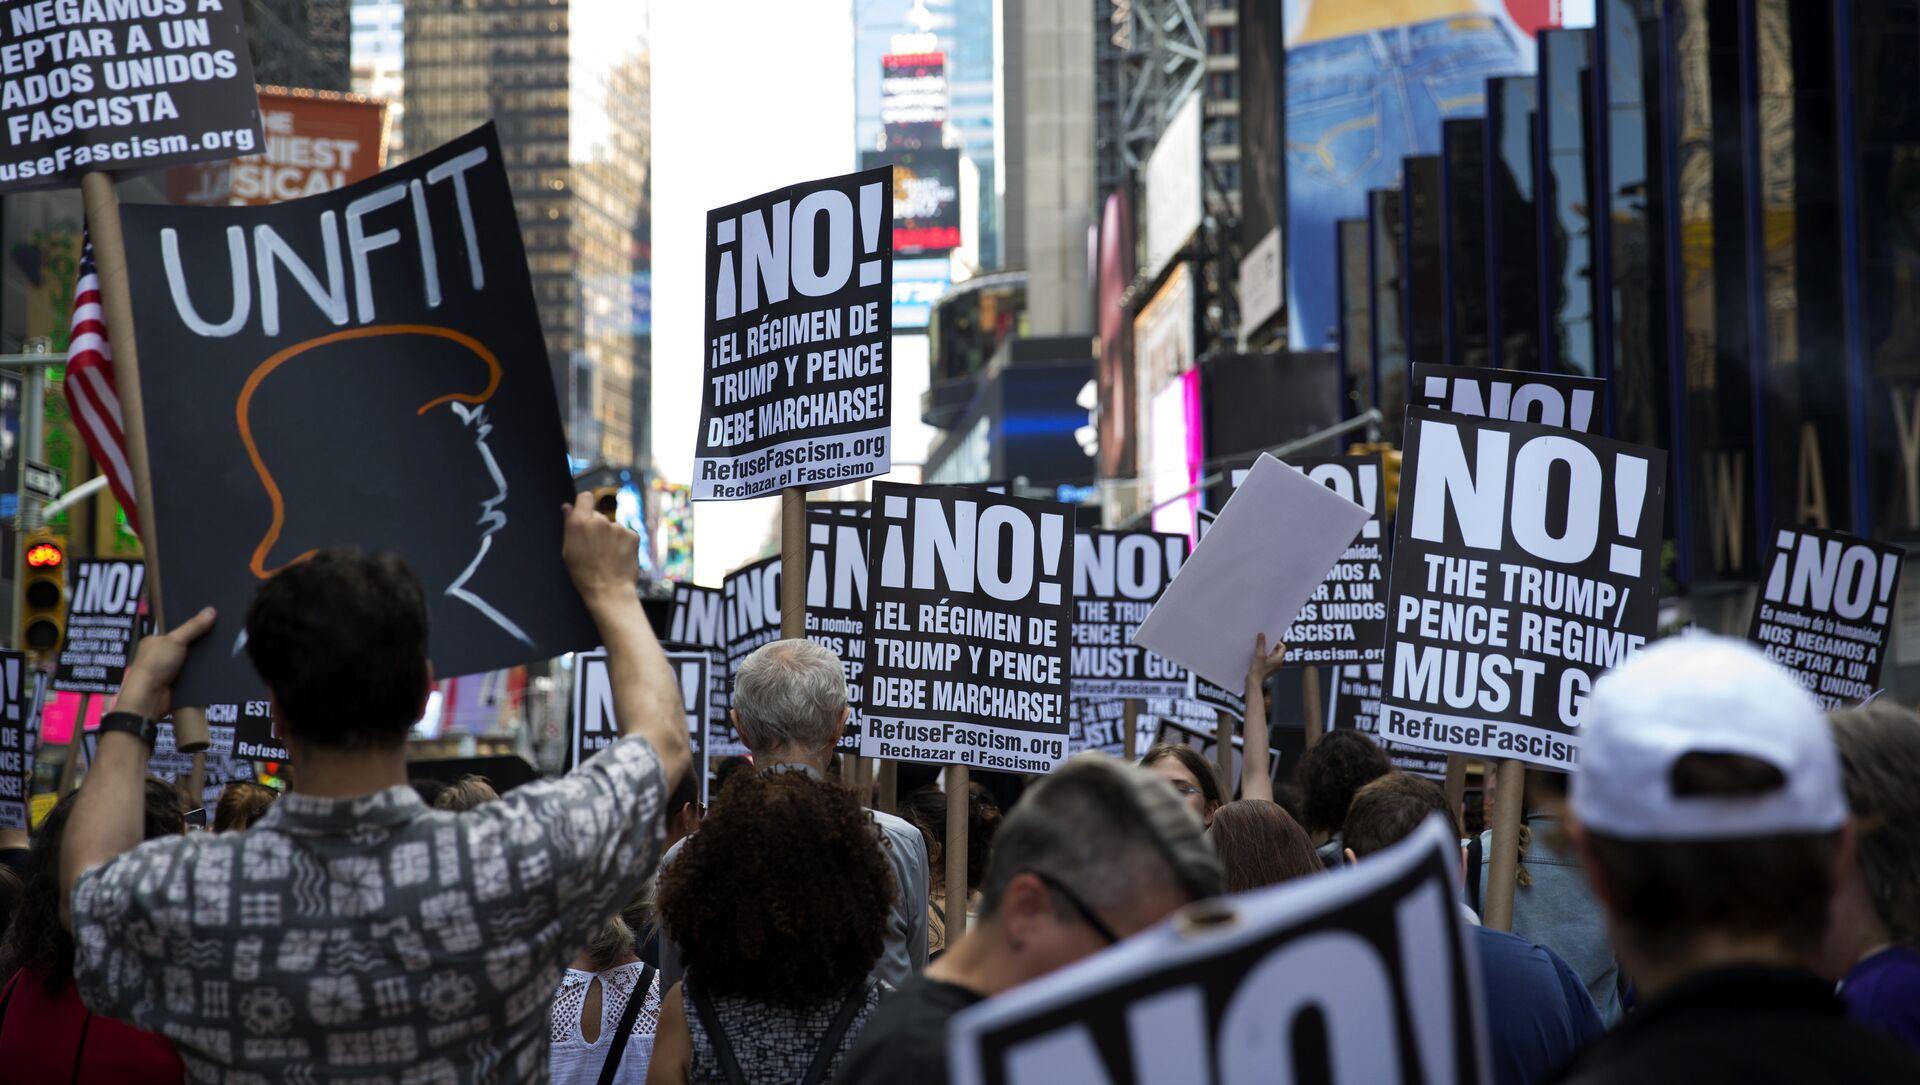 Una manifestación contra Donald Trump en Nueva York, EEUU (archivo) - Sputnik Mundo, 1920, 12.07.2018